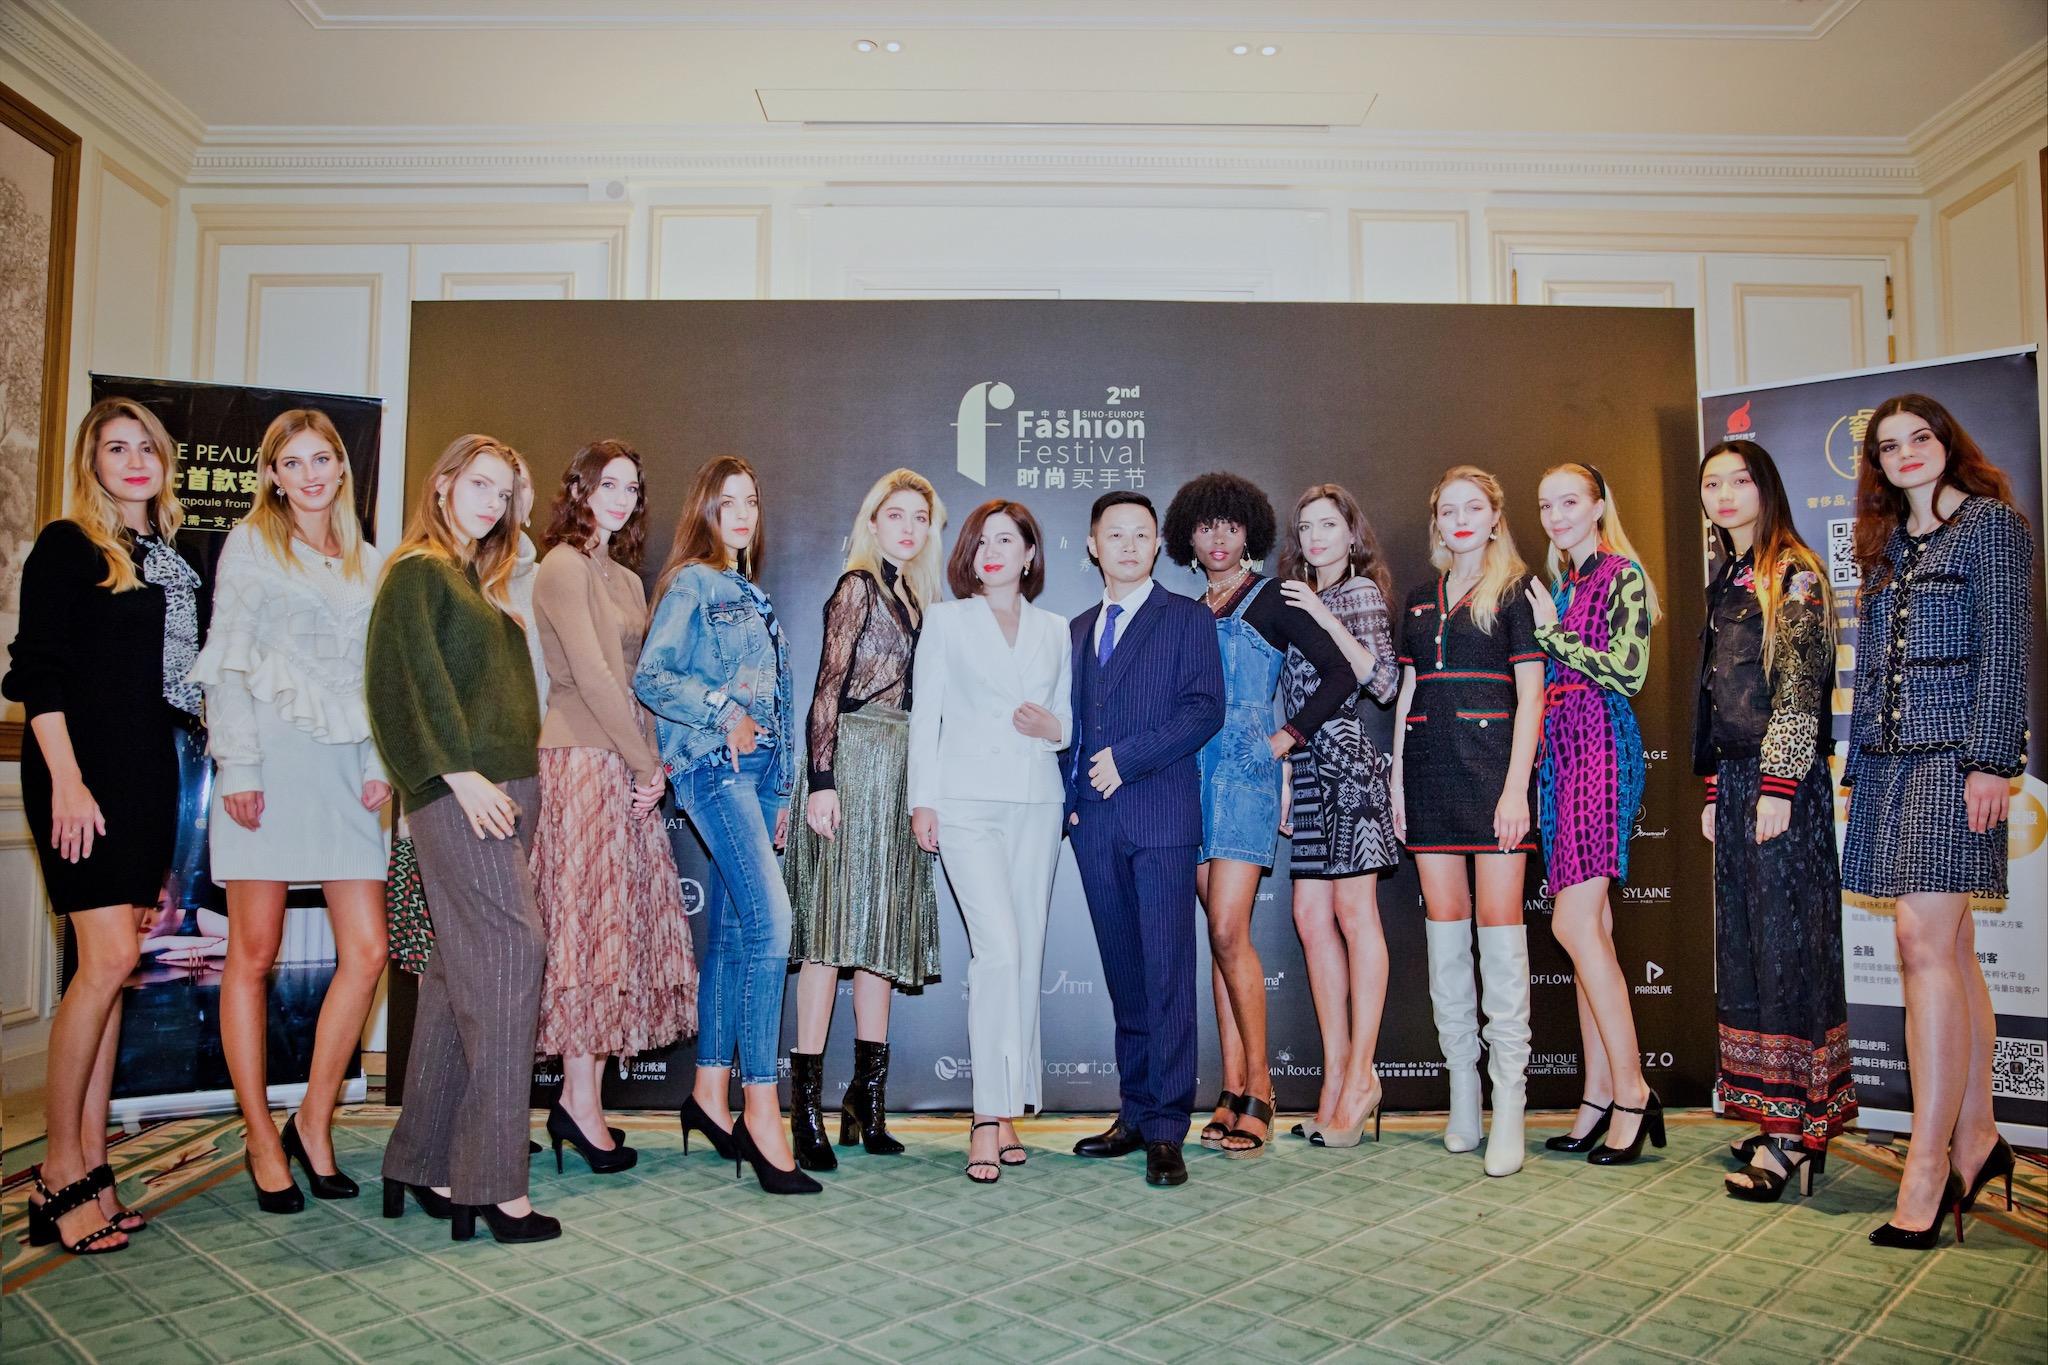 第二屆中歐時尚買手節促億元訂單簽訂,助600多名買手轉型